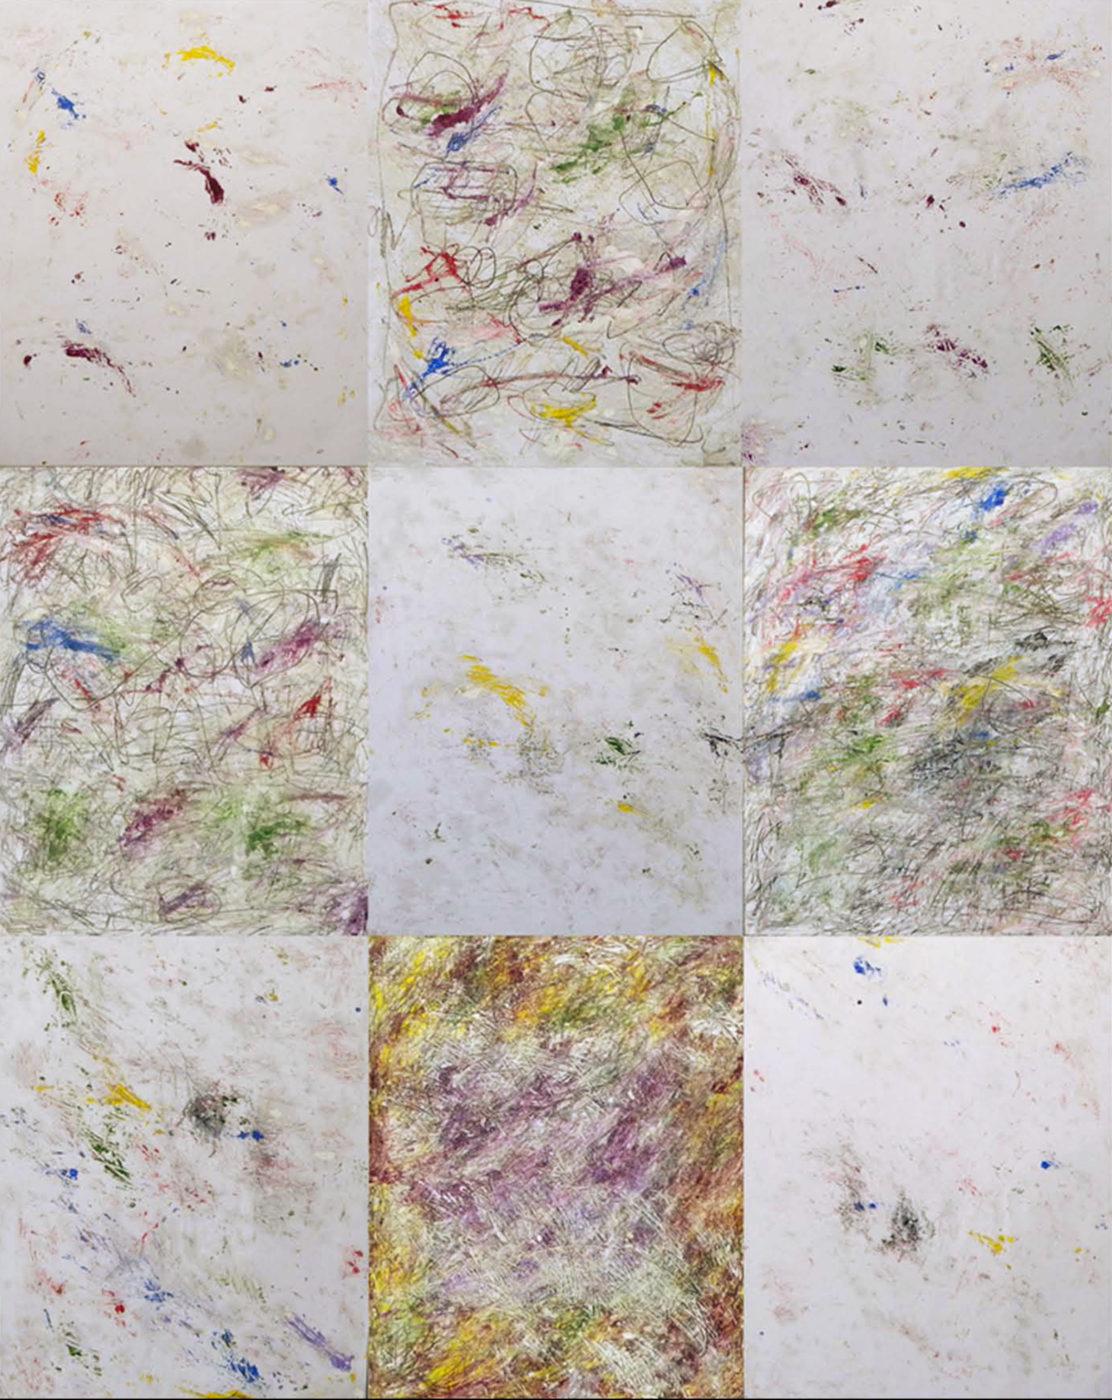 MARC FELD 2014 ALGORITHME 1  Huile acrylique et mine de plomb sur papier marouflé sur toile 150 x 195 cm